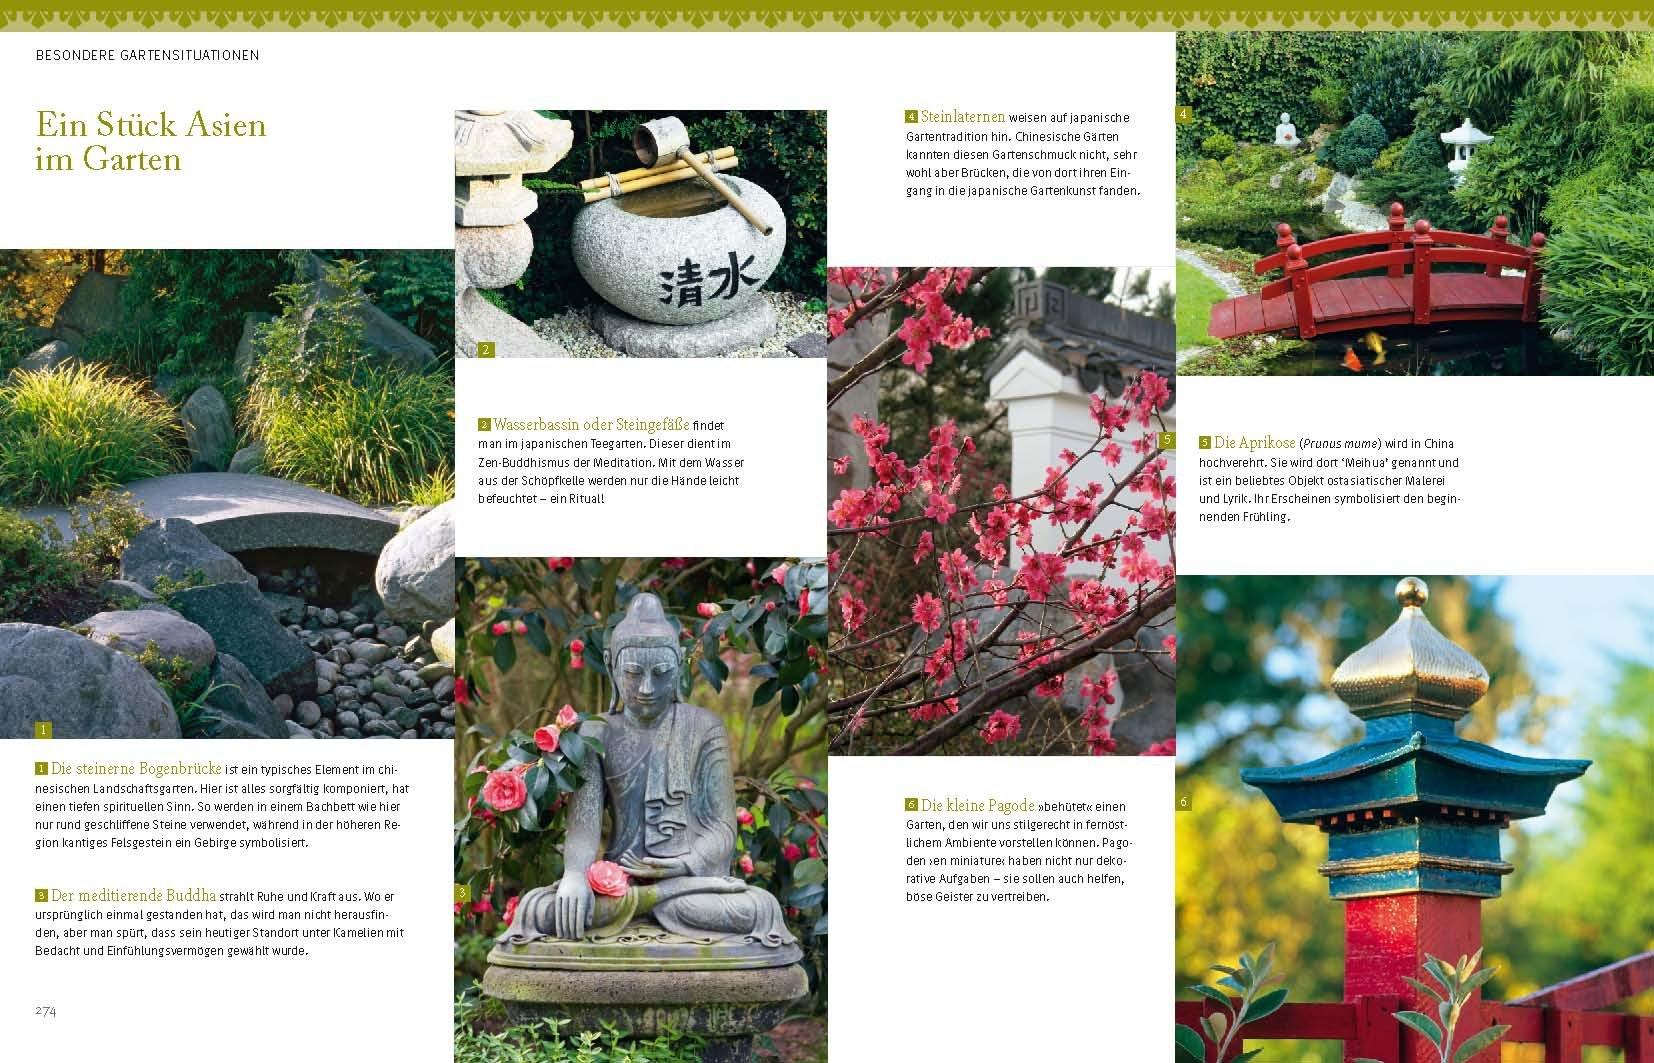 Gärten Gestalten: Wie Aus Gartenwünschen Wunschgärten Werden GU Garten  Extra: Amazon.de: Herta Simon: Bücher